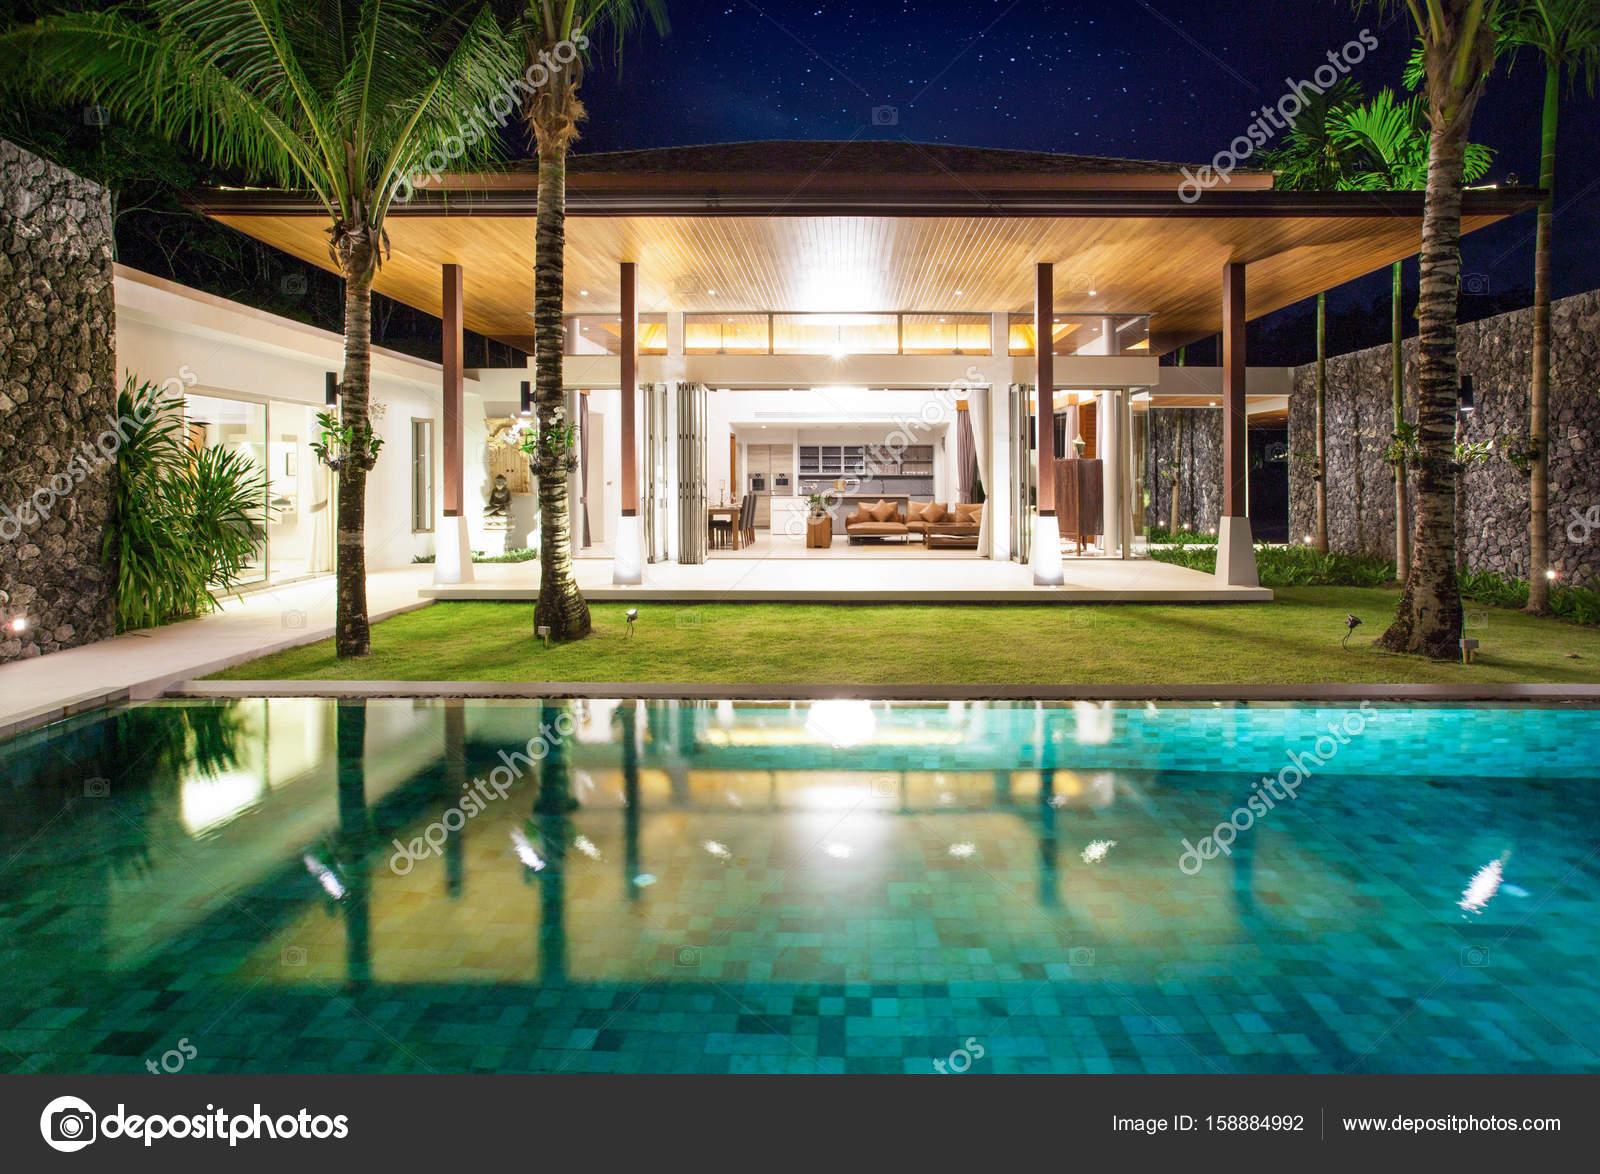 Corredor Casa Design De Interior E Exterior U2014 Fotografia De Stock